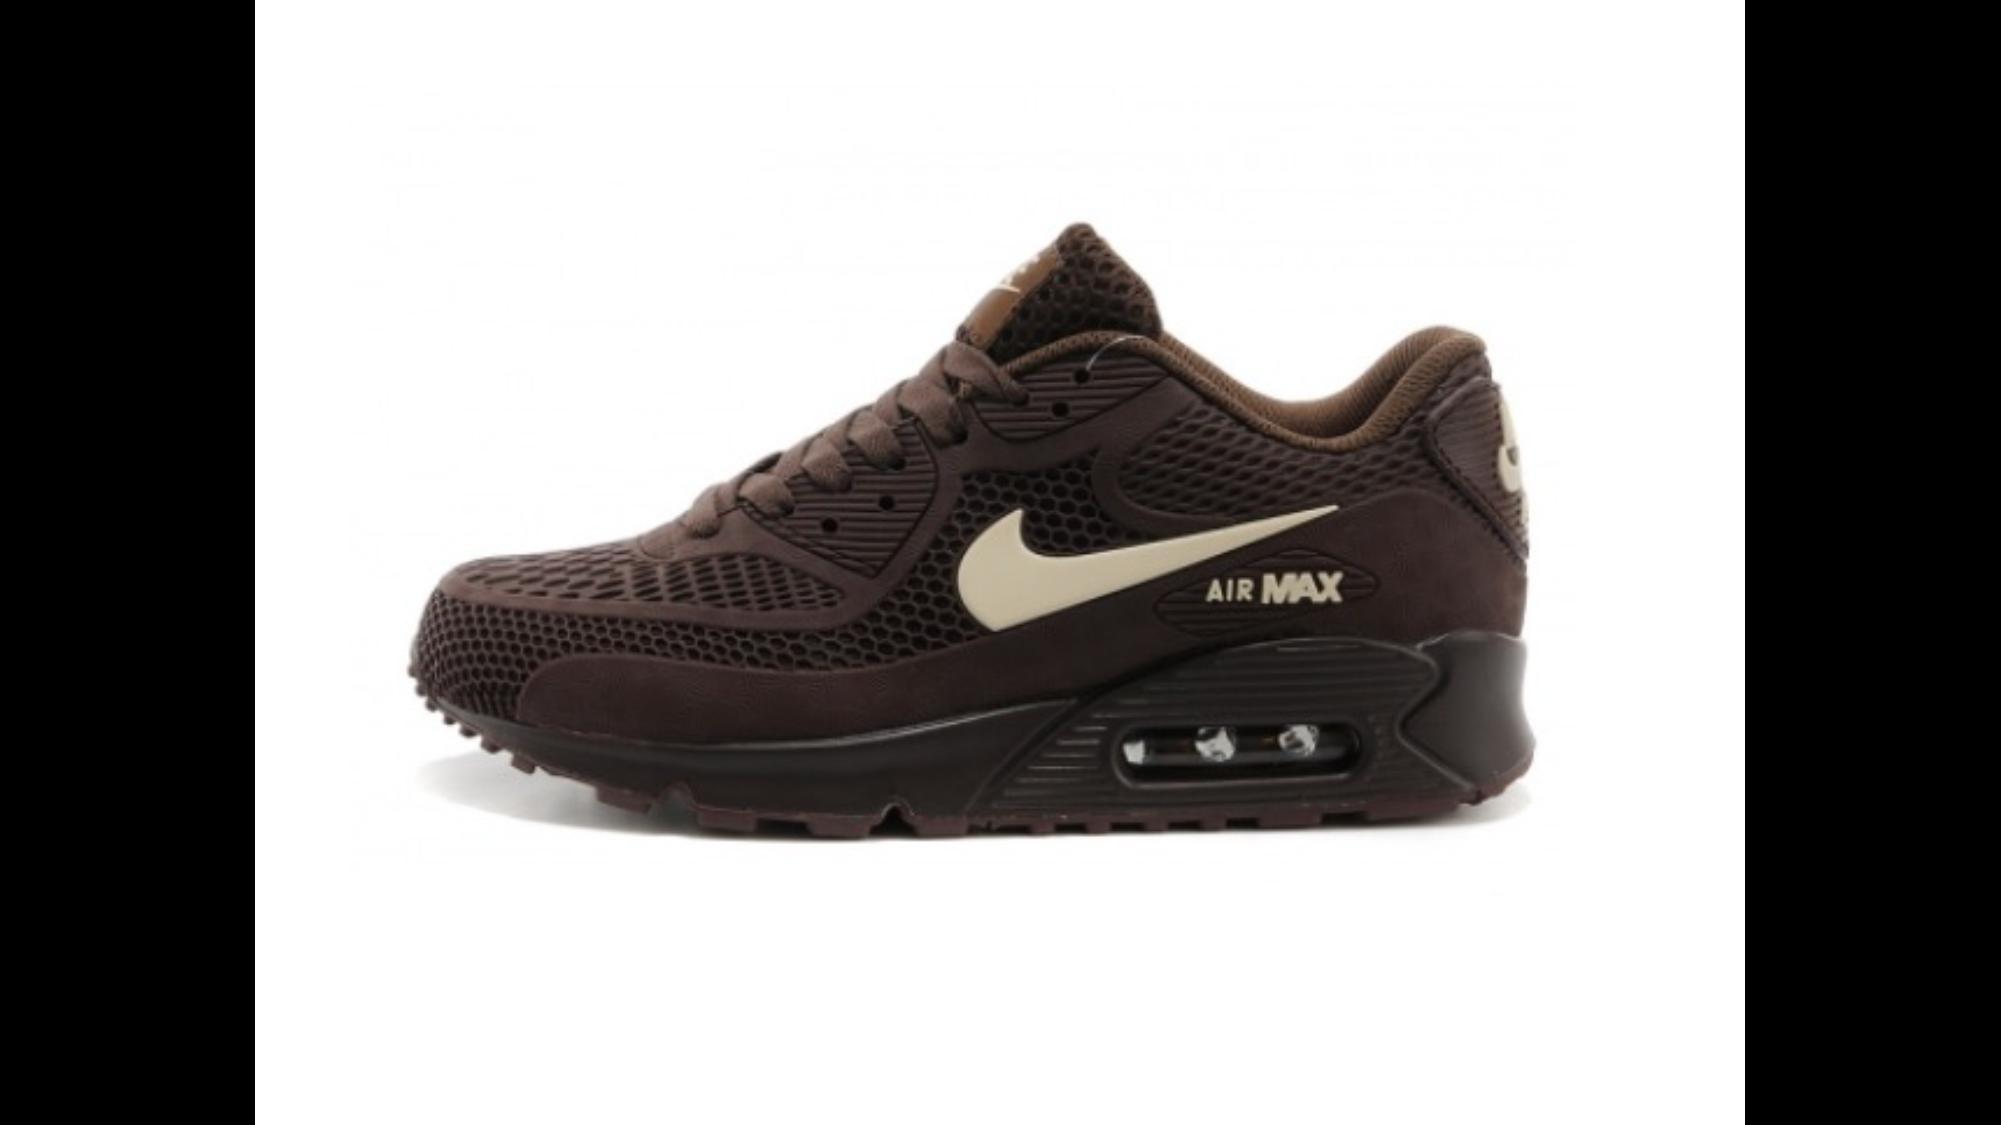 NIKE AIR MAX COMMAND | Nike ☆ GaleriaMarek.pl | Pinterest | Nike air max  command, Air max and Lifestyle